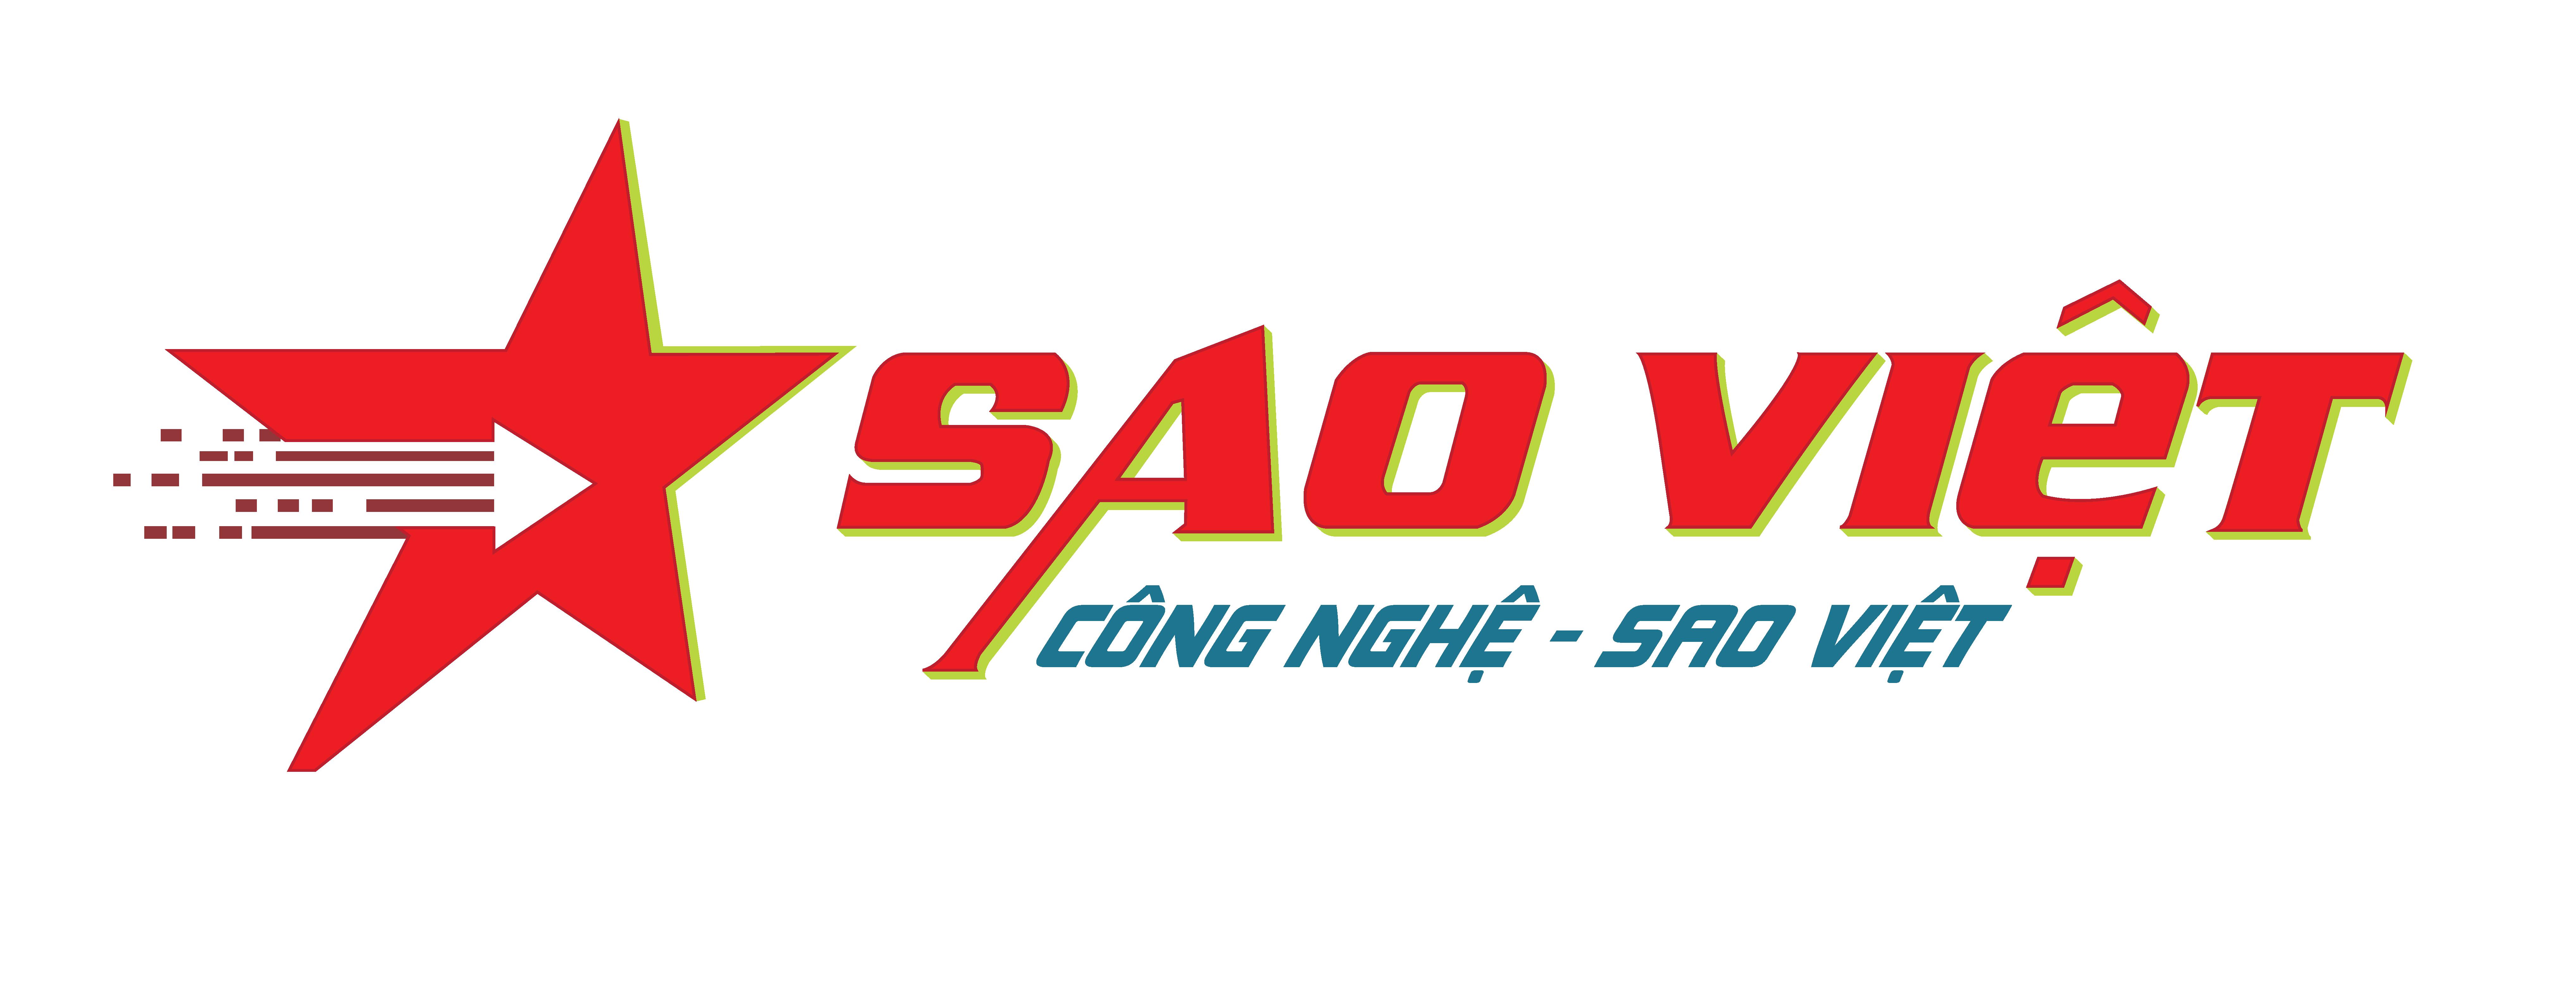 Thiết Bị Định Vị ô Tô Xe Máy Sao Việt jsc